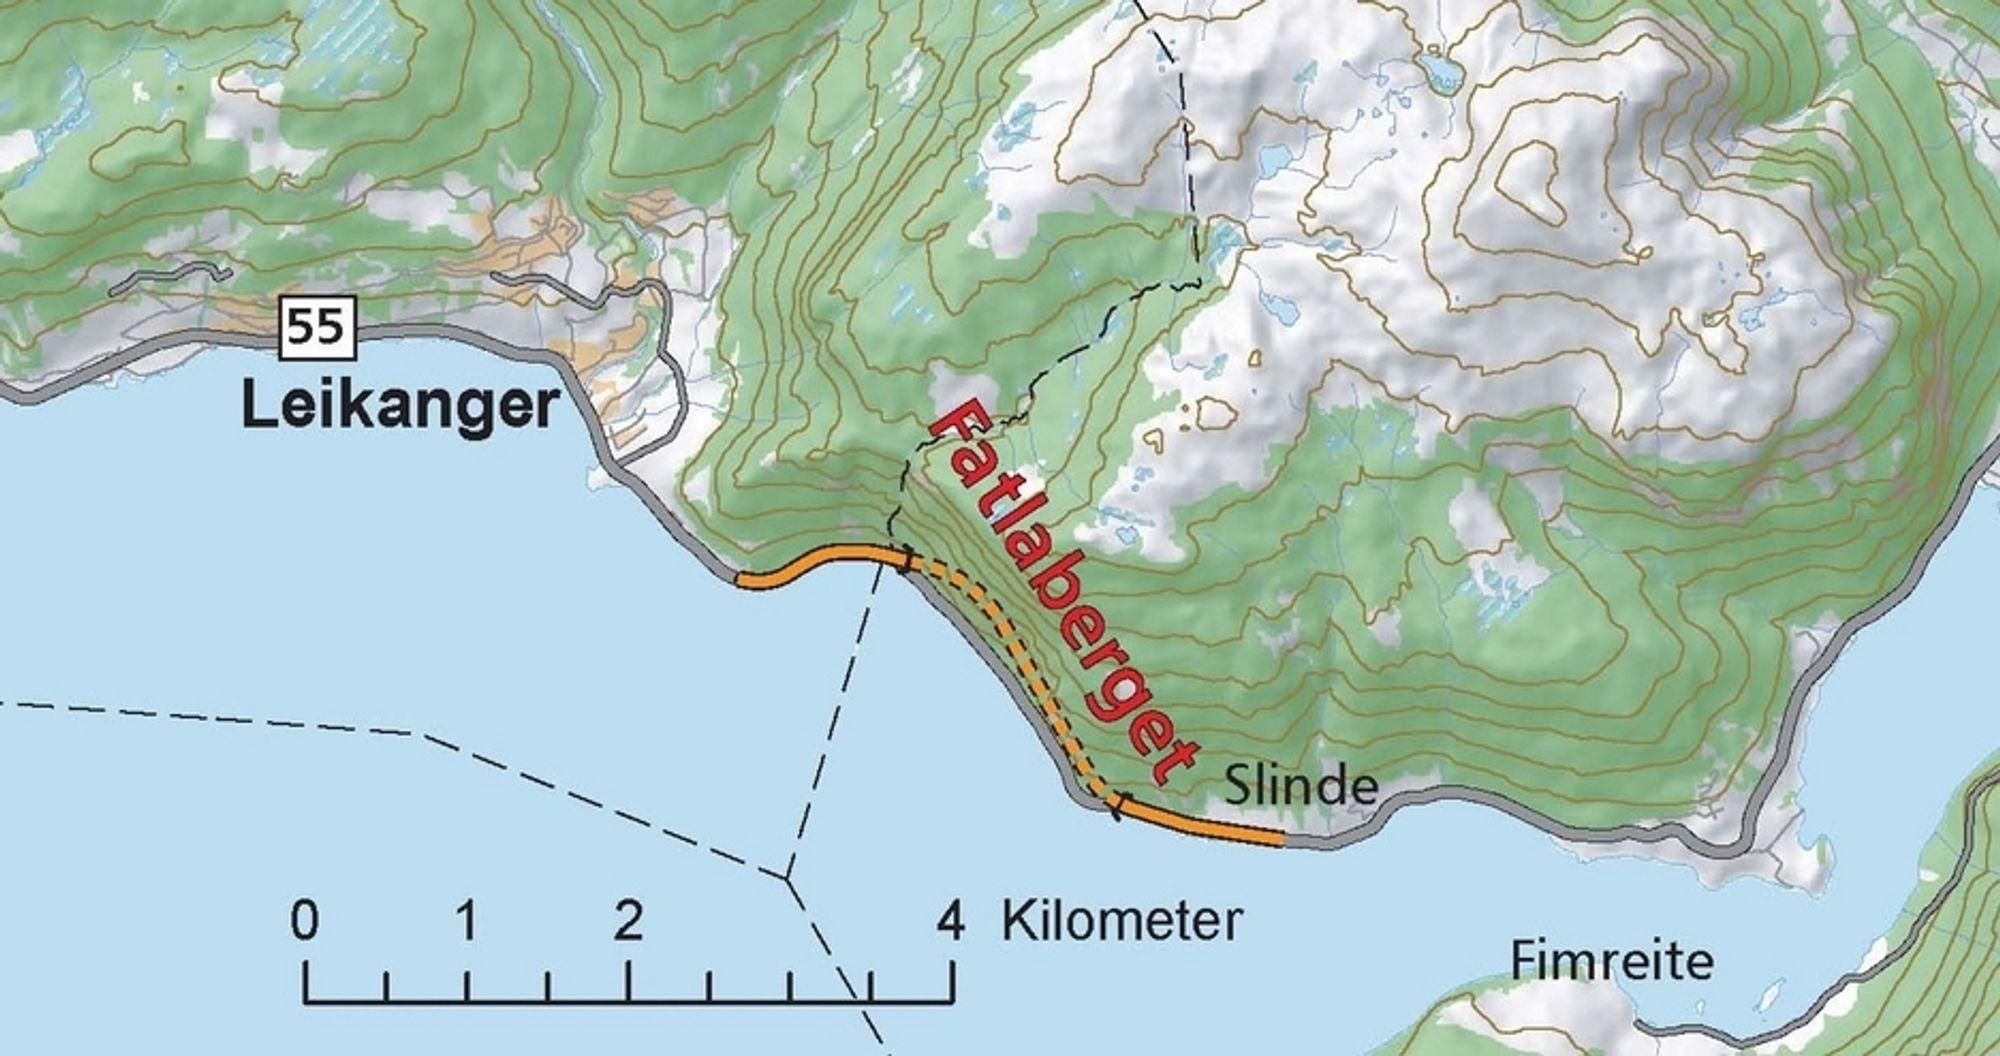 Riksveg 55 langs foten av Fatlaberget er svært rasutsatt. Men etter at de høye anbudene kom inn, er det slett ikke sikkert at tunnelen som skal sikre vegen, blir ferdig i november 2008, slik framdriftsplanen forutsetter.